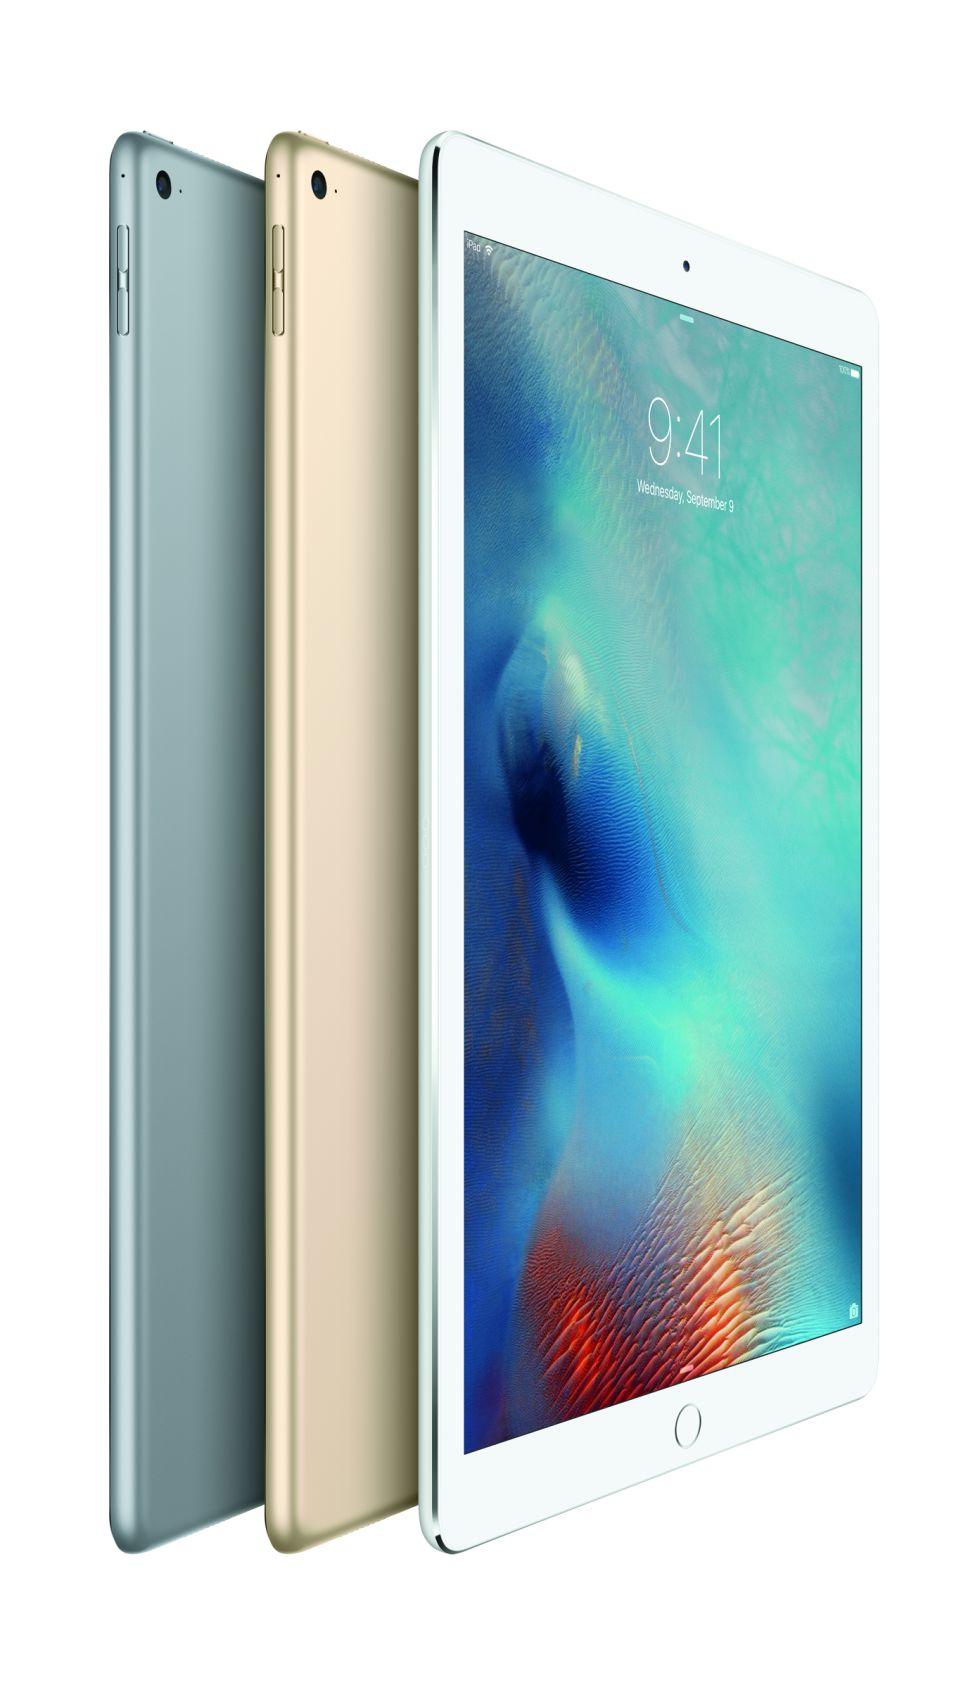 Para qué sirve un iPad gigante? Analizamos el iPad Pro ...